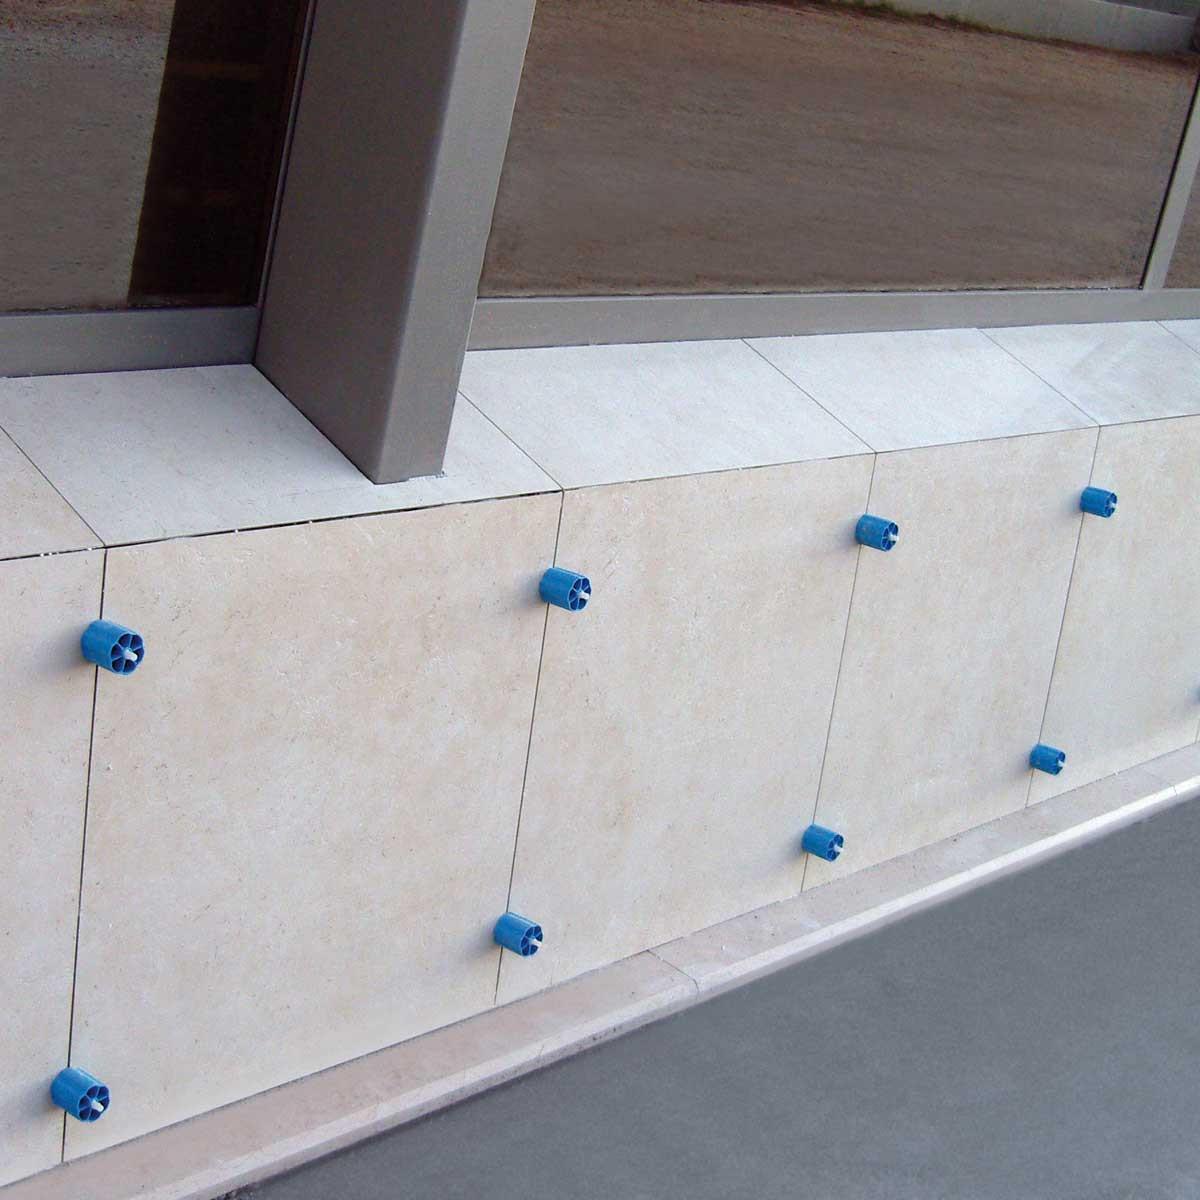 prst leveling system large format tile installation